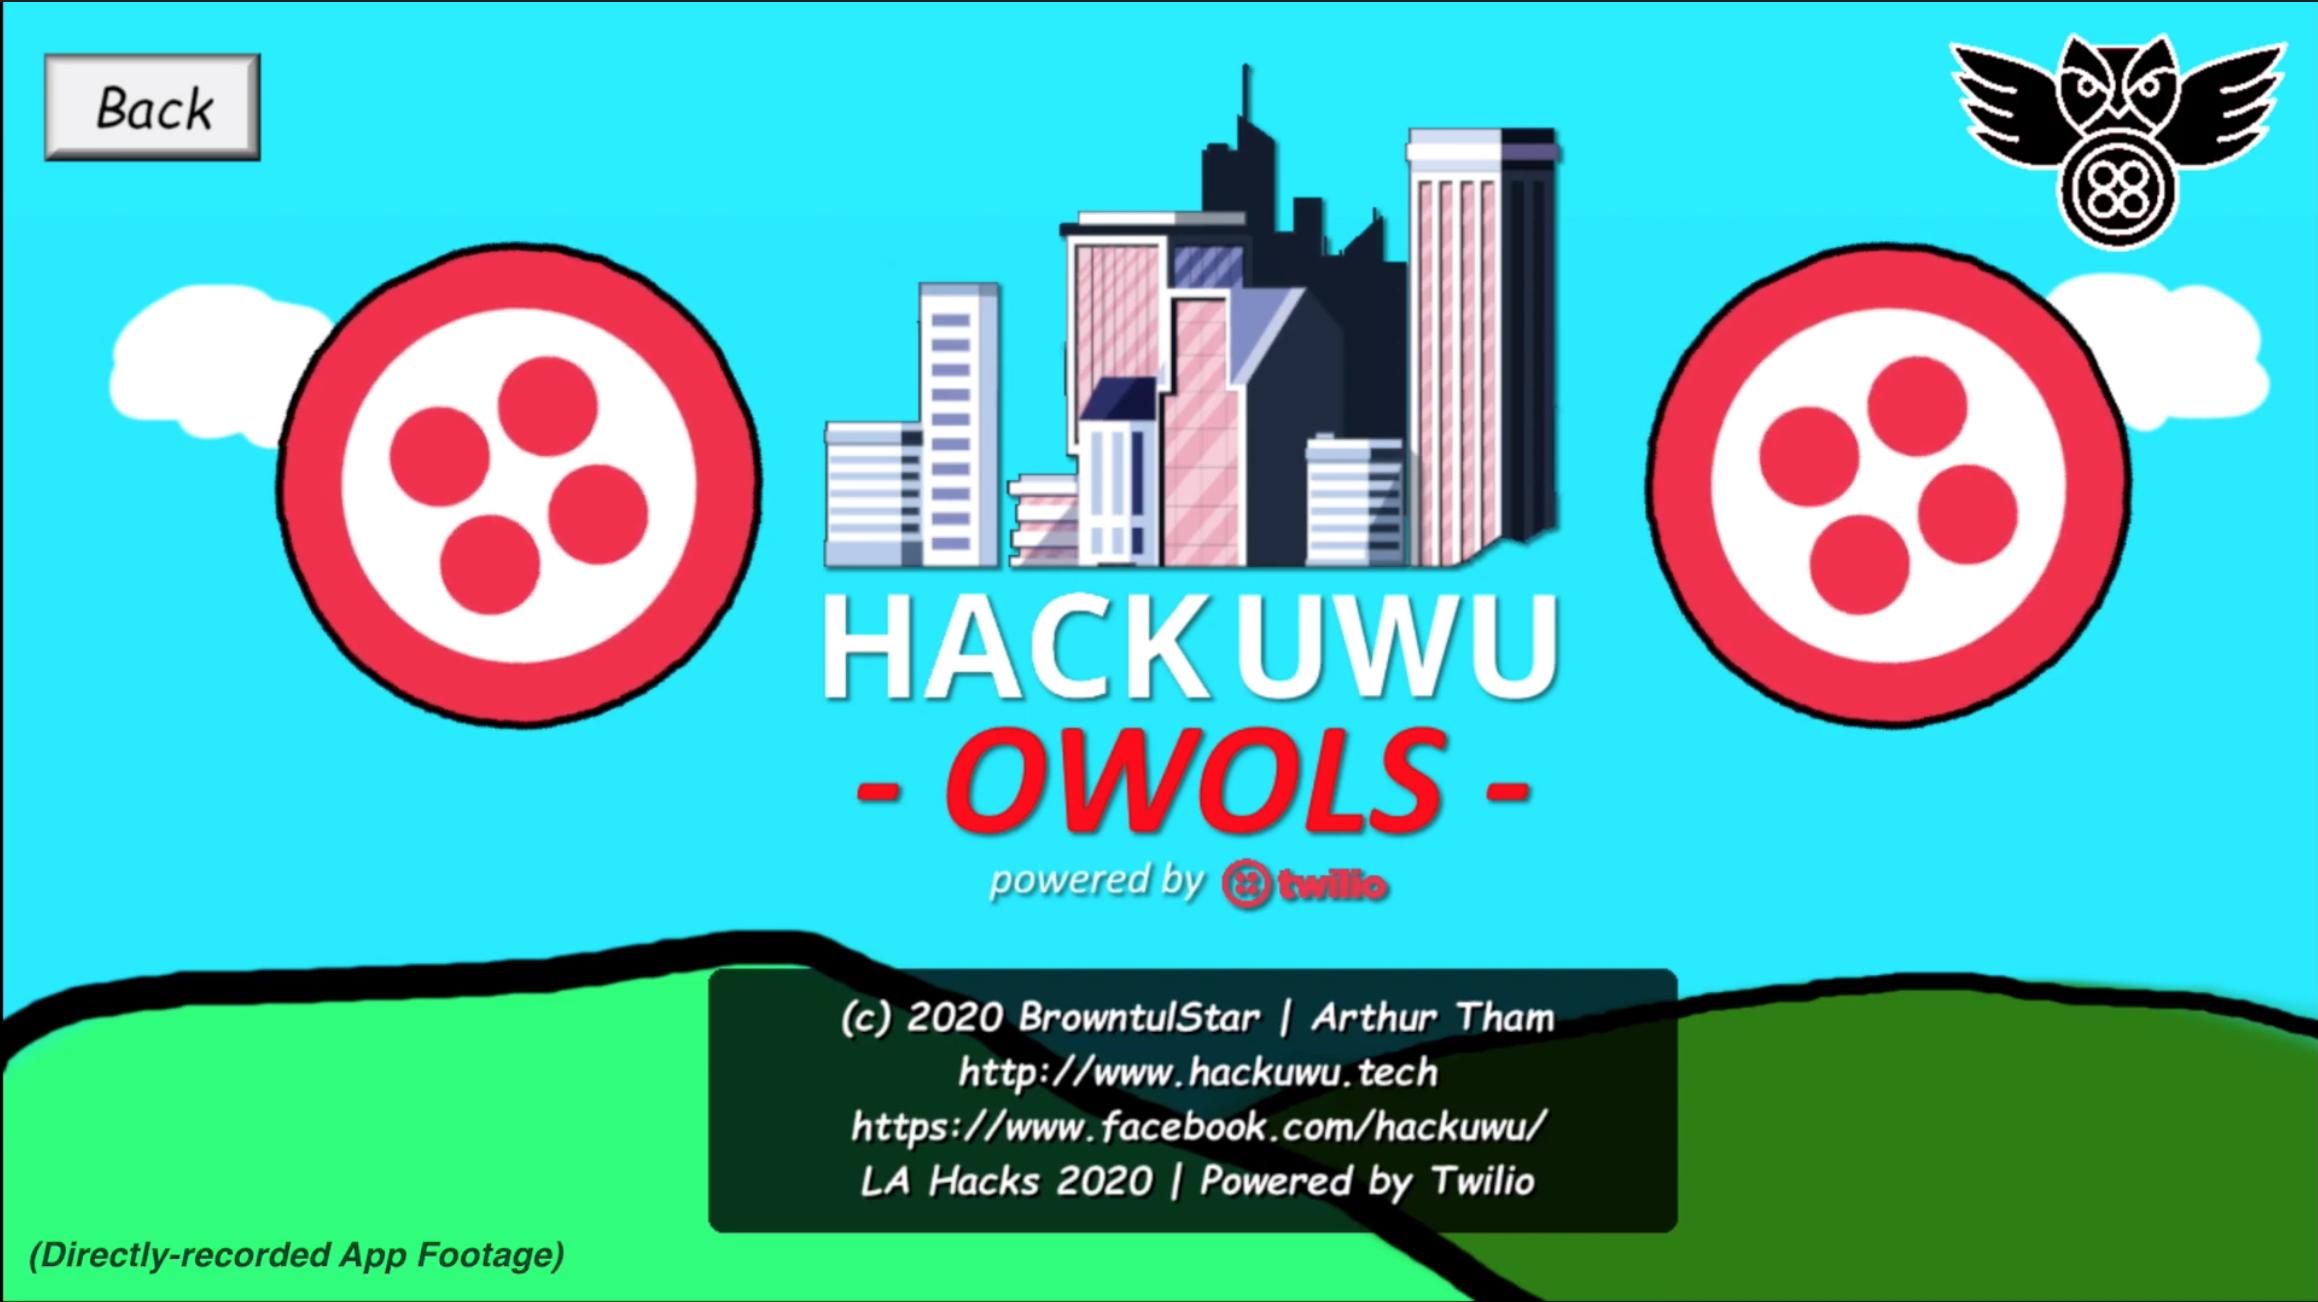 HackUWU Owols